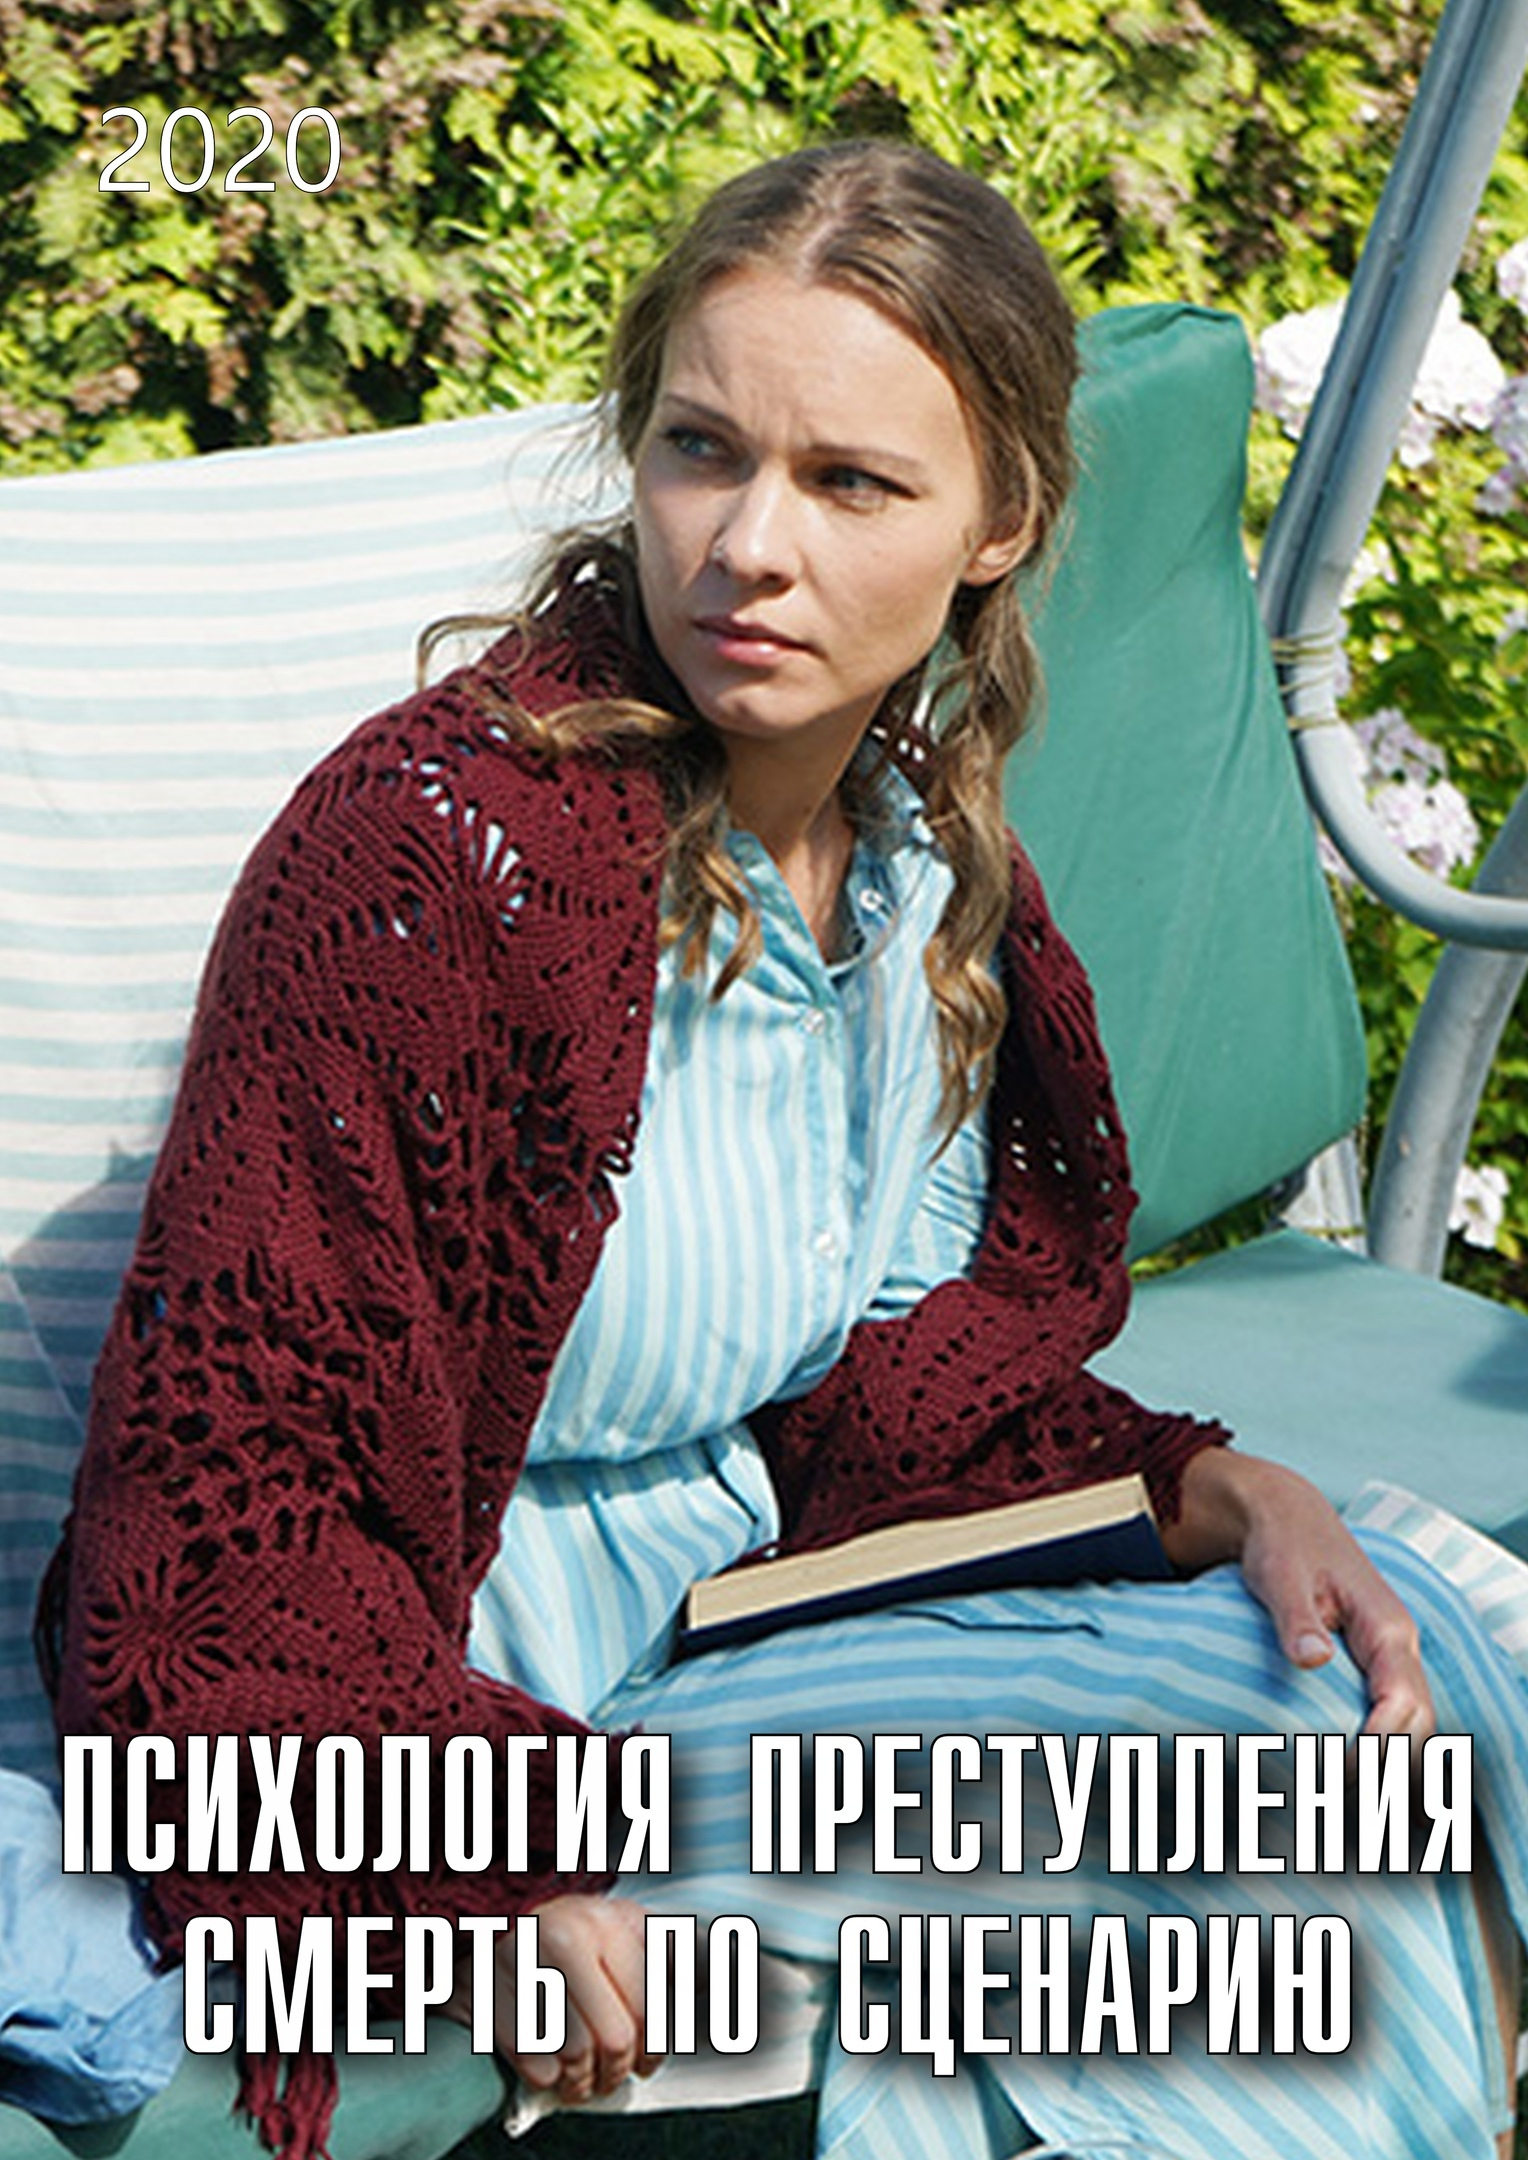 Детектив «Пcиxoлoгия пpecтyплeния 2.